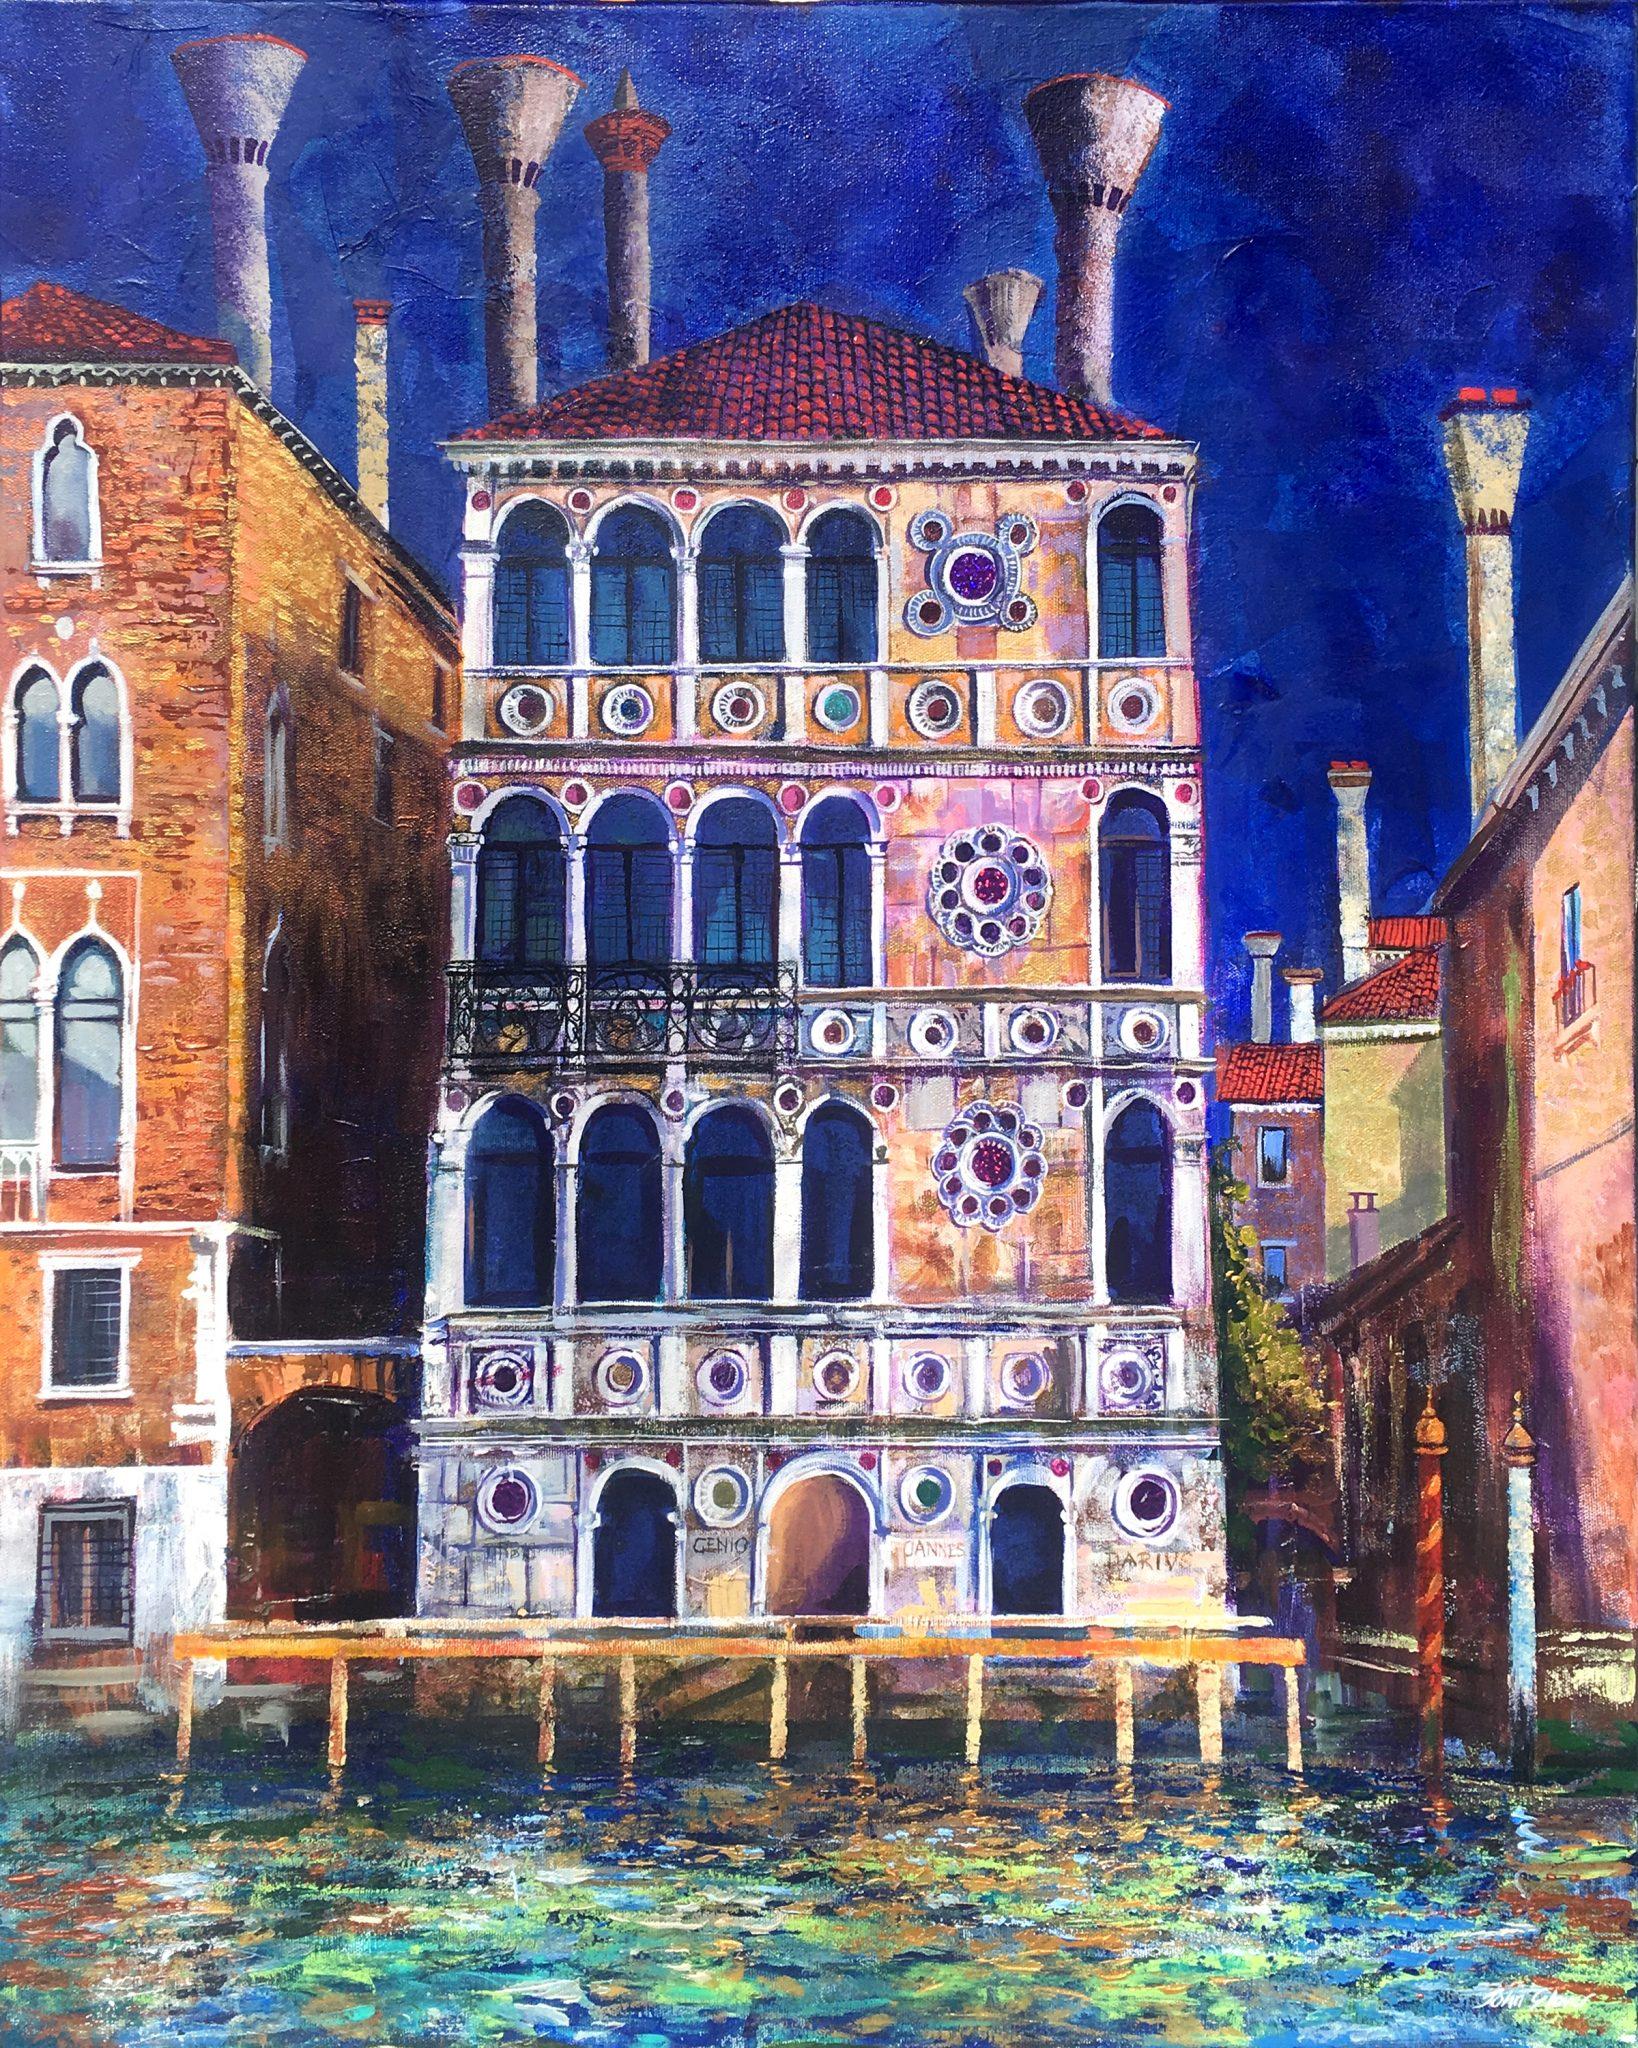 The Palazzo Dario Grand Canal Venice